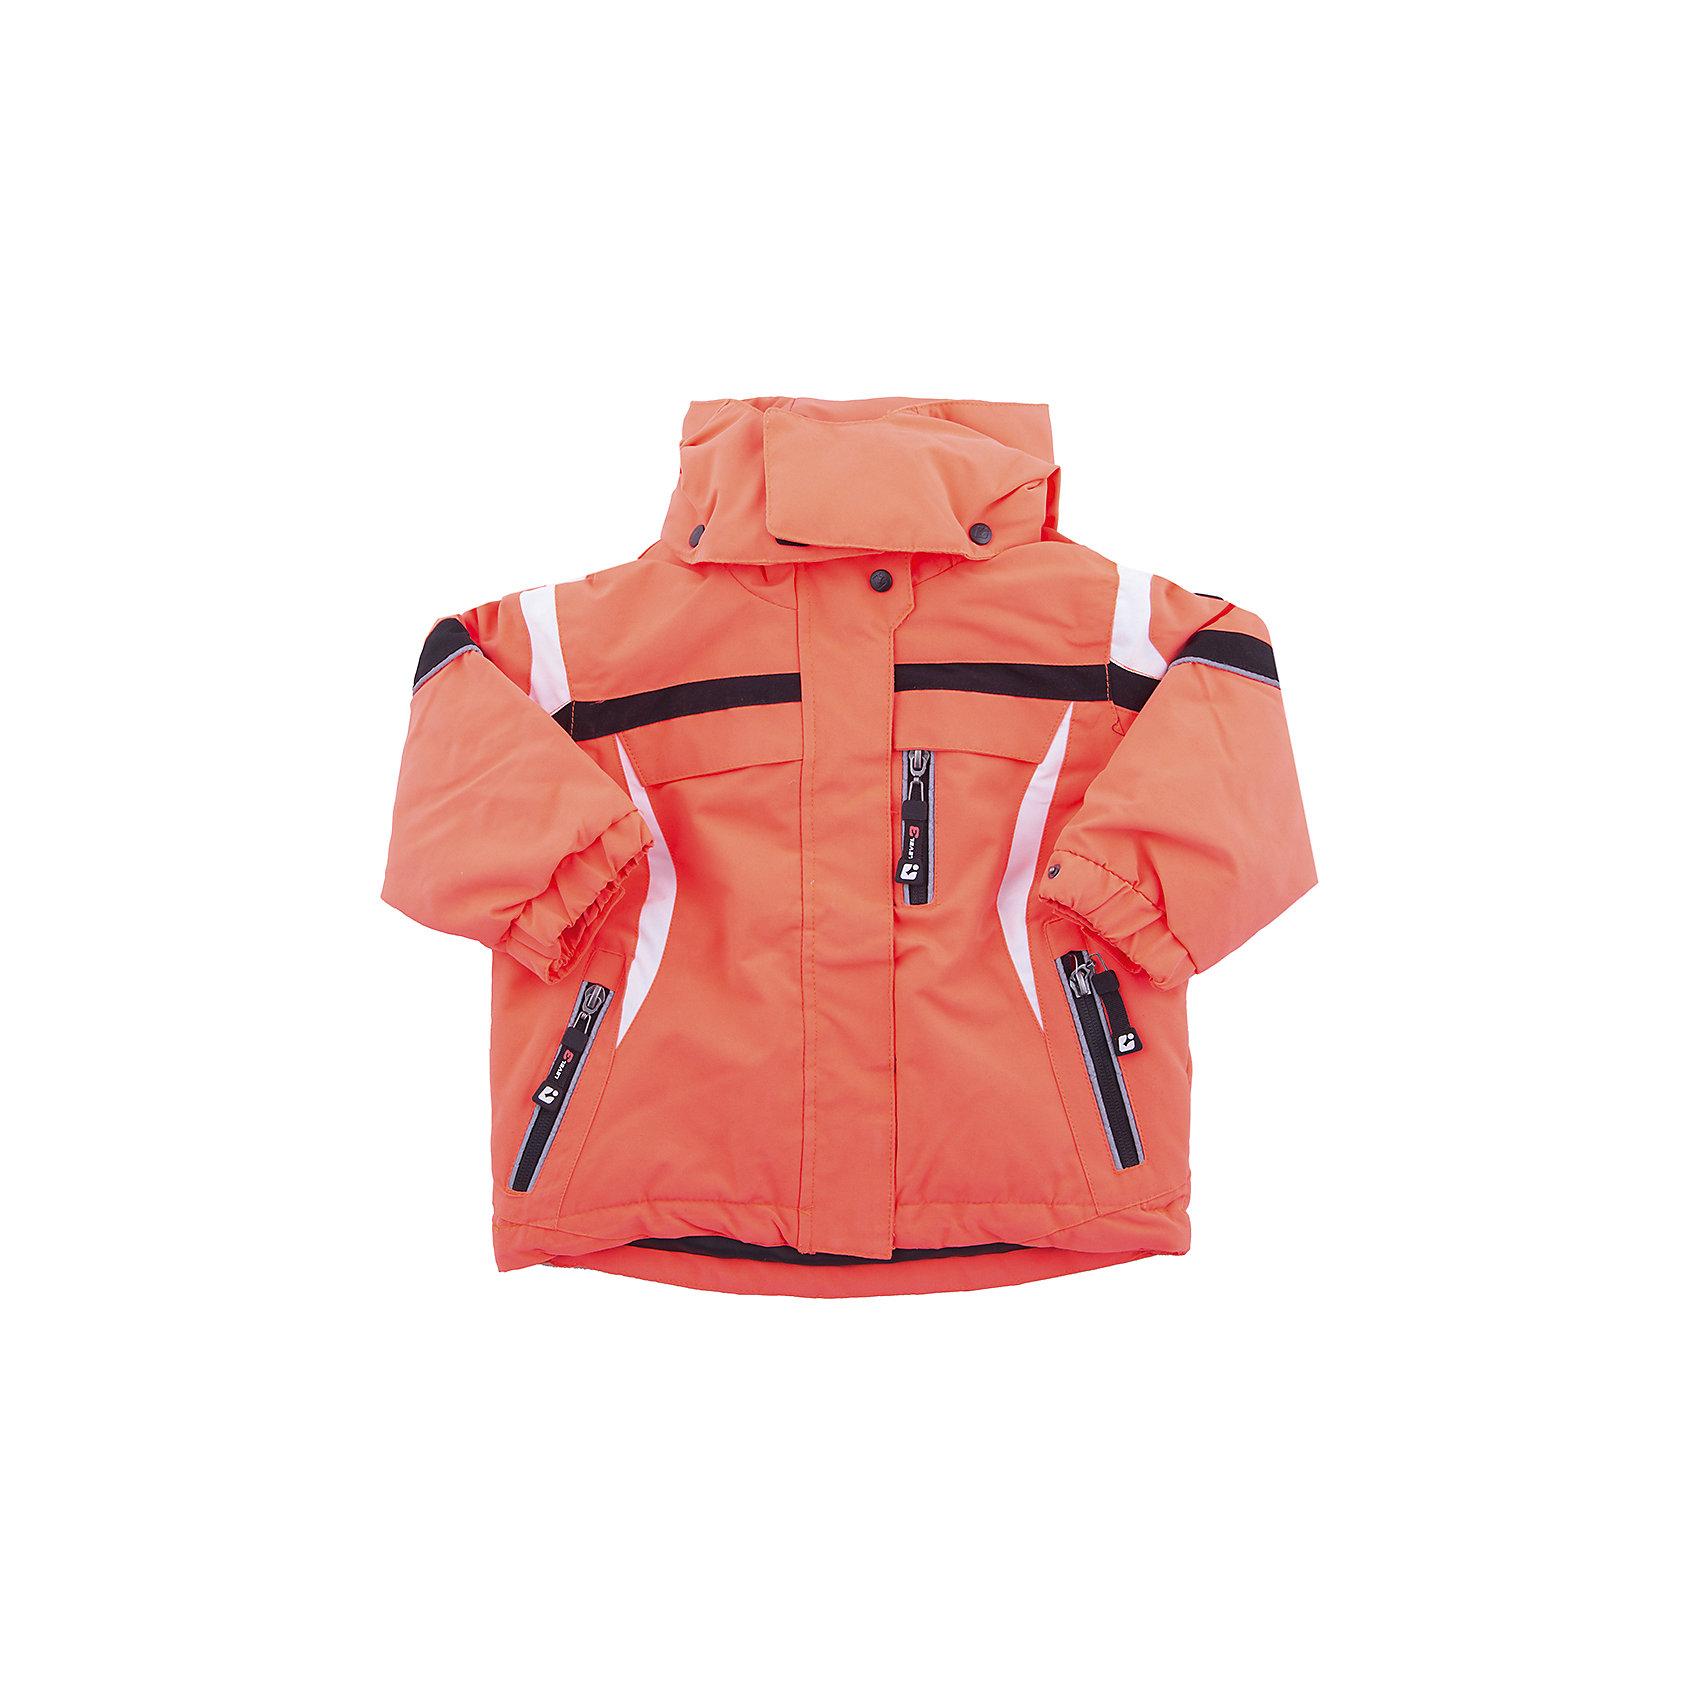 Куртка KilltecВерхняя одежда<br>Куртка от известного немецкого бренда Killtec <br><br>Яркая спортивная куртка идеально подойдет для спорта и активного отдыха в холодное время года. Все её детали тщательно проработаны, швы отличаются превосходным качеством. Куртка оснащена множеством элементов, которые помогут наслаждаться зимней погодой с потрясающим комфортом.<br><br>Особенности модели:<br><br>- материал - плотный;<br>- цвет - оранжевый;<br>- застежка - молния, клапан на кнопках;<br>- капюшон отстегивается;<br>- карманы на молниях;<br>- внутренняя юбочка для защиты от снега;<br>- воздухопроницаемость - 3000 г/м2/24 ч;<br>- водонепроницаемость - 3000 мм;<br>- защита от ветра  - максимальная;<br>- светоотражающие элементы;<br>- в рукавах - резинки;<br>- удлиненная спинка.<br><br>Дополнительная информация:<br><br>Состав: <br><br>верх - 100% полиэстер;<br>наполнитель - 100% полиэстер;<br>подкладка - 100% полиэстер.<br><br><br>Температурный режим:<br><br>от - 15°С до 0°С<br><br>Куртку от известного немецкого бренда Killtec (Килтек) можно купить в нашем магазине.<br><br>Ширина мм: 356<br>Глубина мм: 10<br>Высота мм: 245<br>Вес г: 519<br>Цвет: разноцветный<br>Возраст от месяцев: 12<br>Возраст до месяцев: 15<br>Пол: Унисекс<br>Возраст: Детский<br>Размер: 80<br>SKU: 4242062